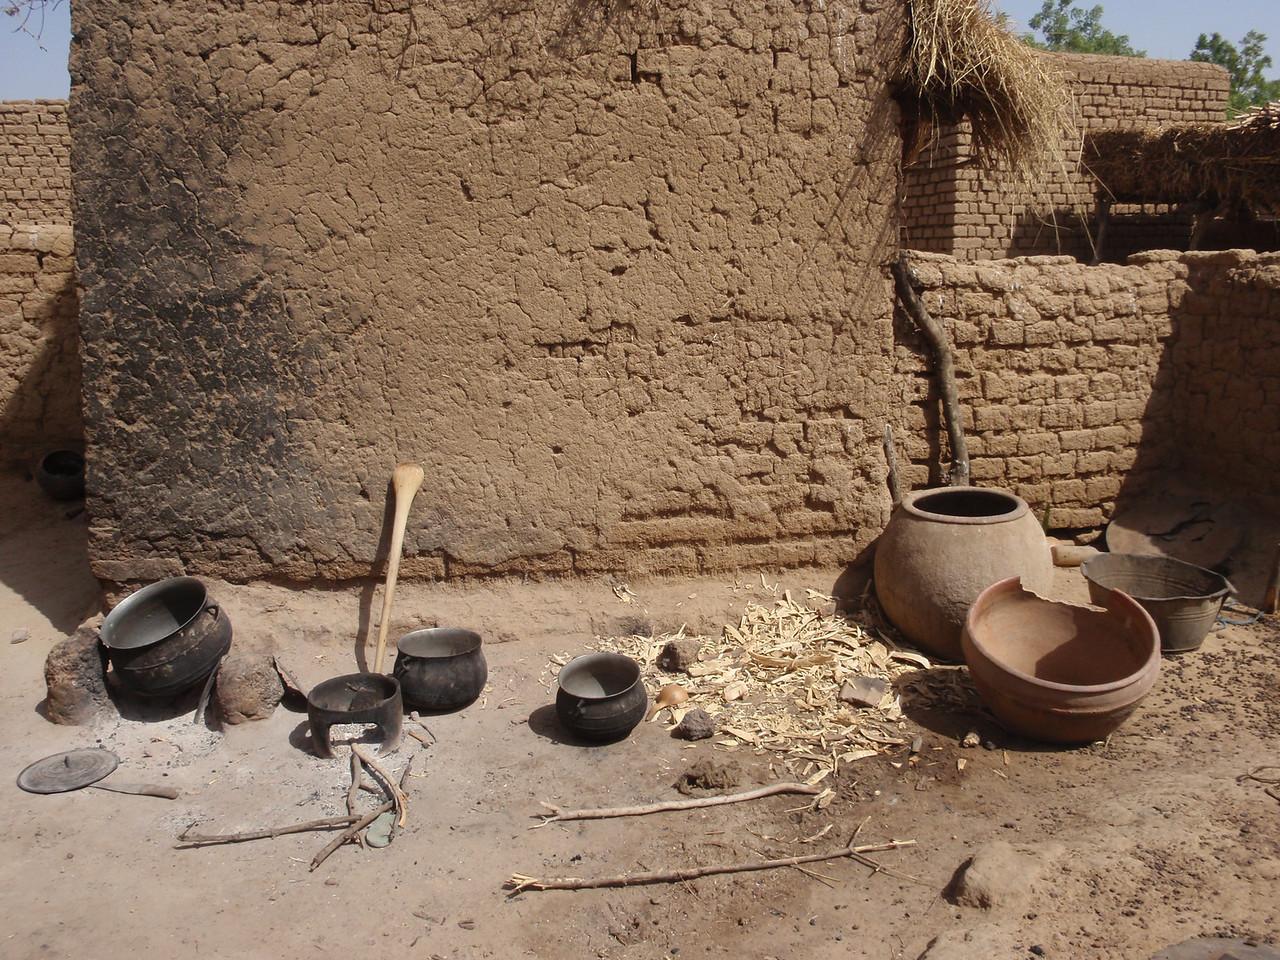 227_Parandougou   A Bobo Tribe  Mudbricks Contruction Technique